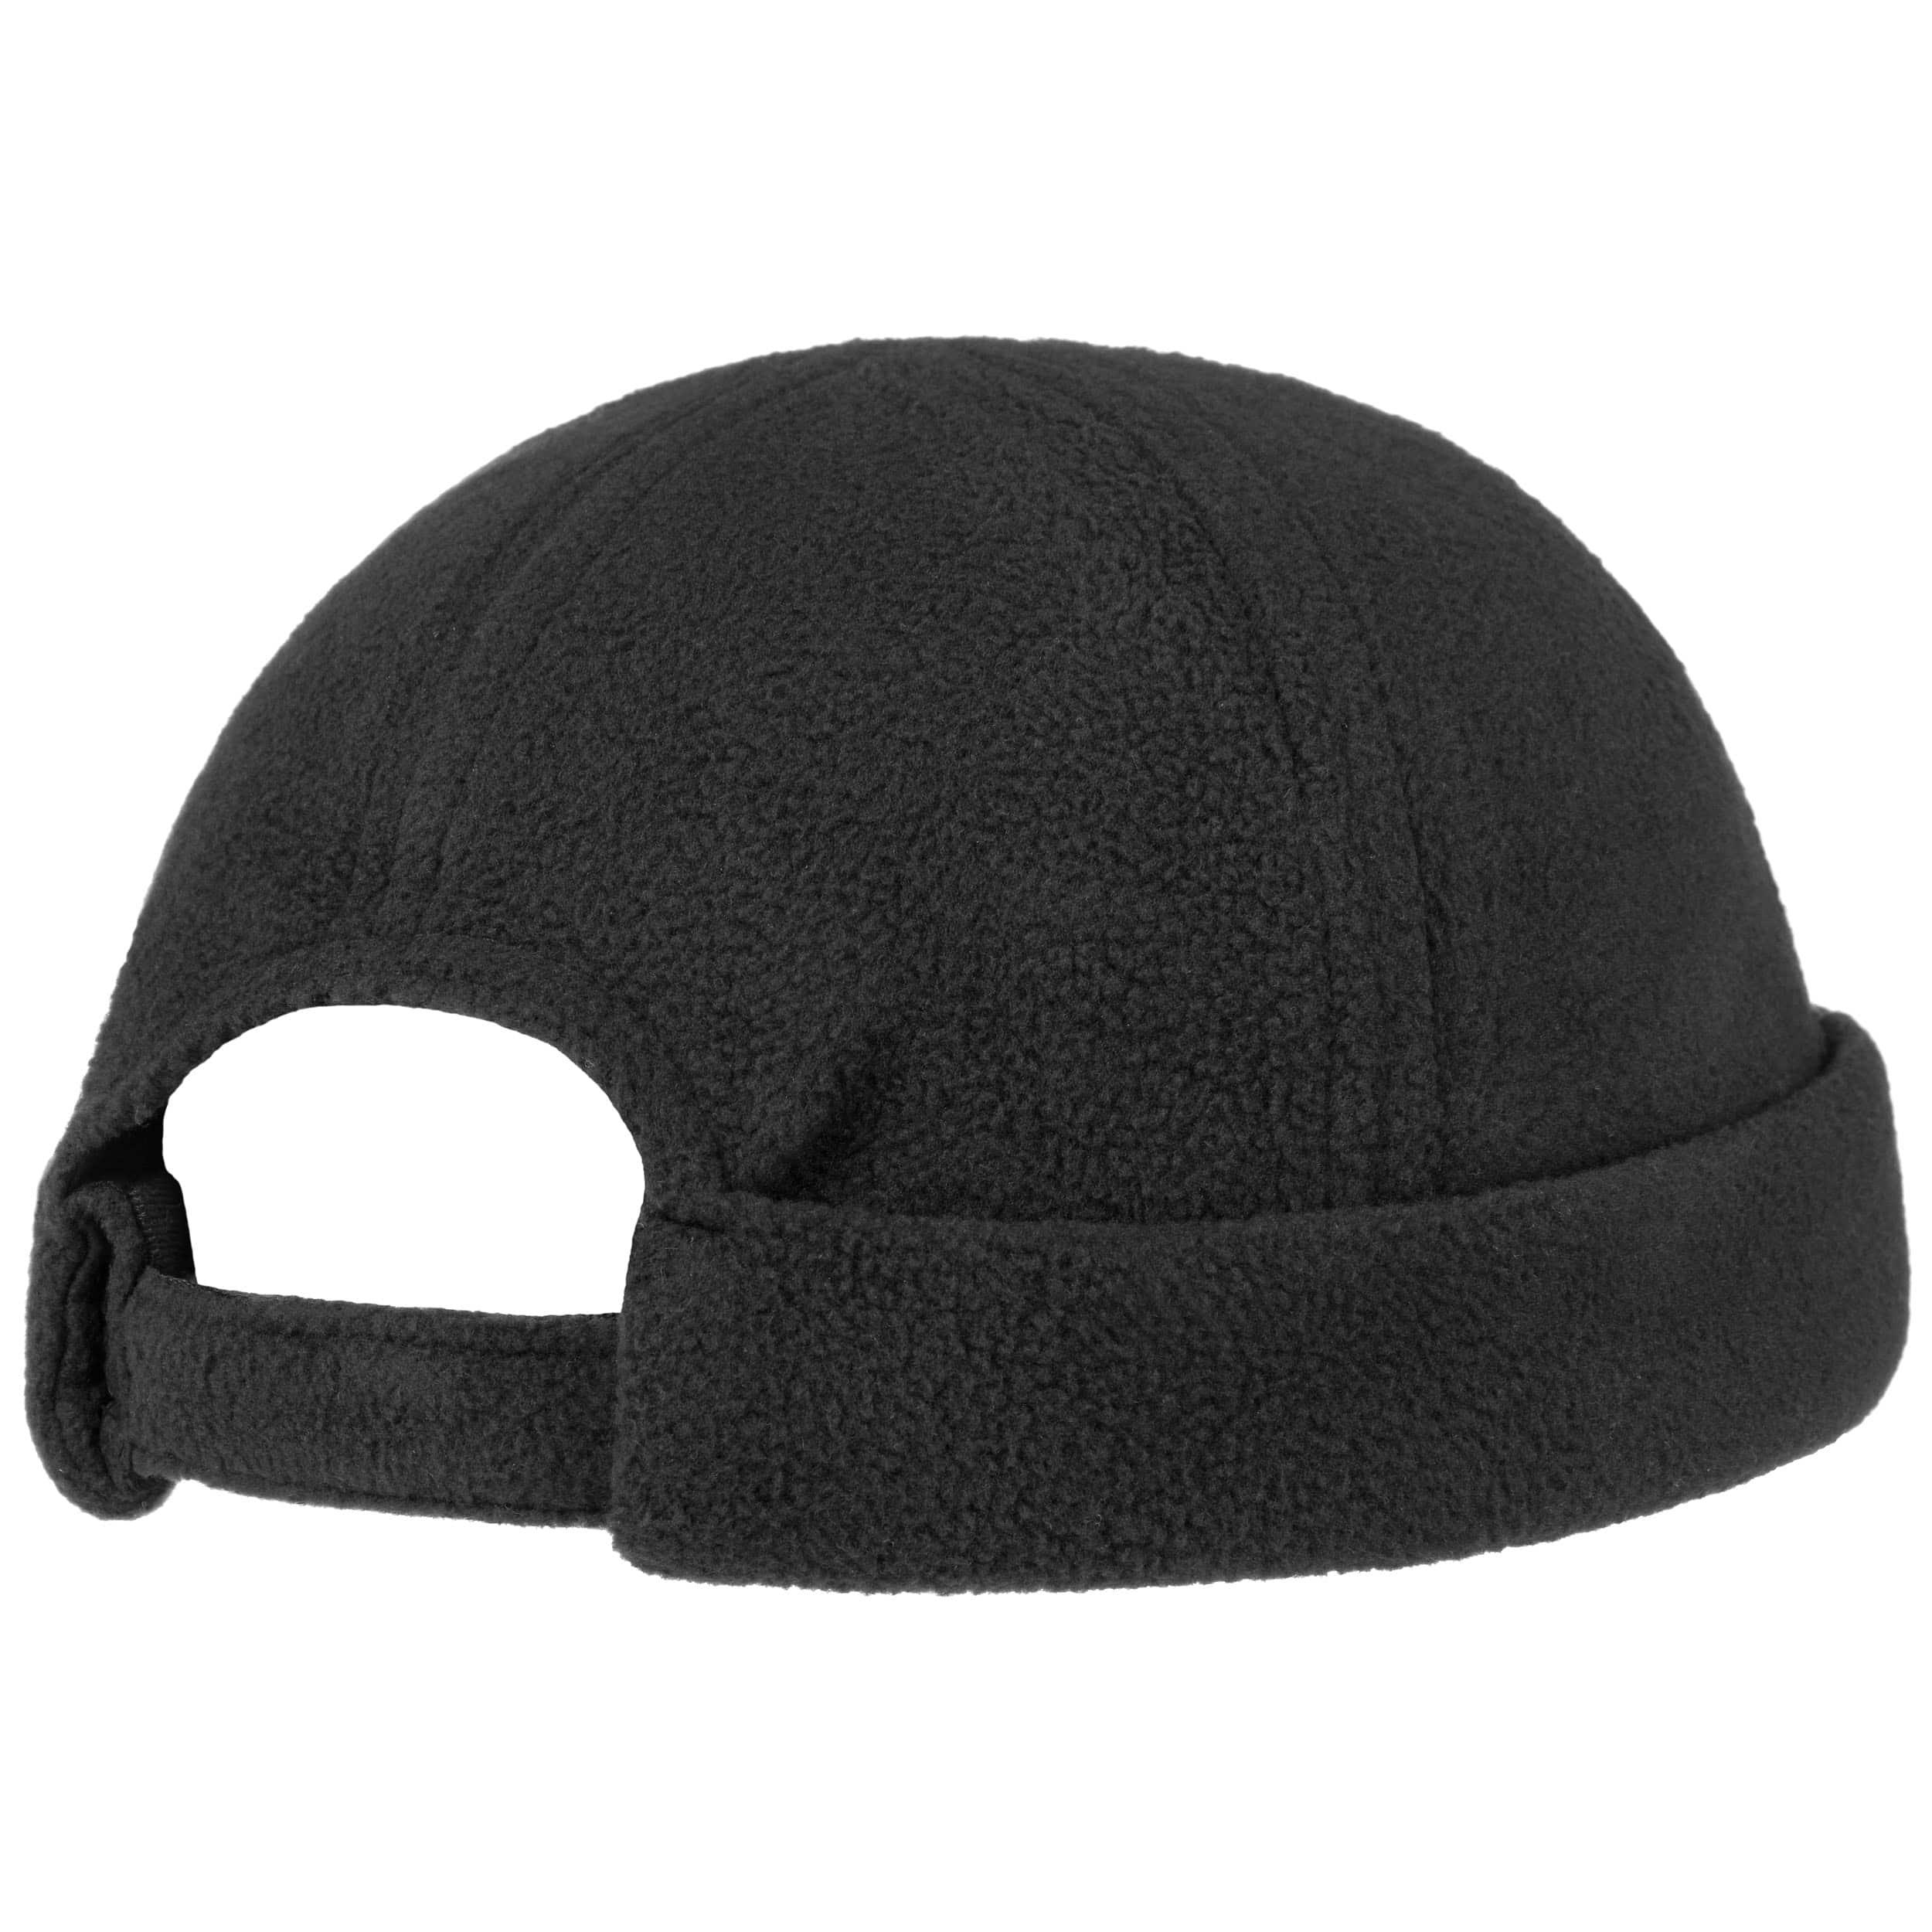 ... Fleece Docker Hat by Lipodo - black 3 ... 948cb1be24d